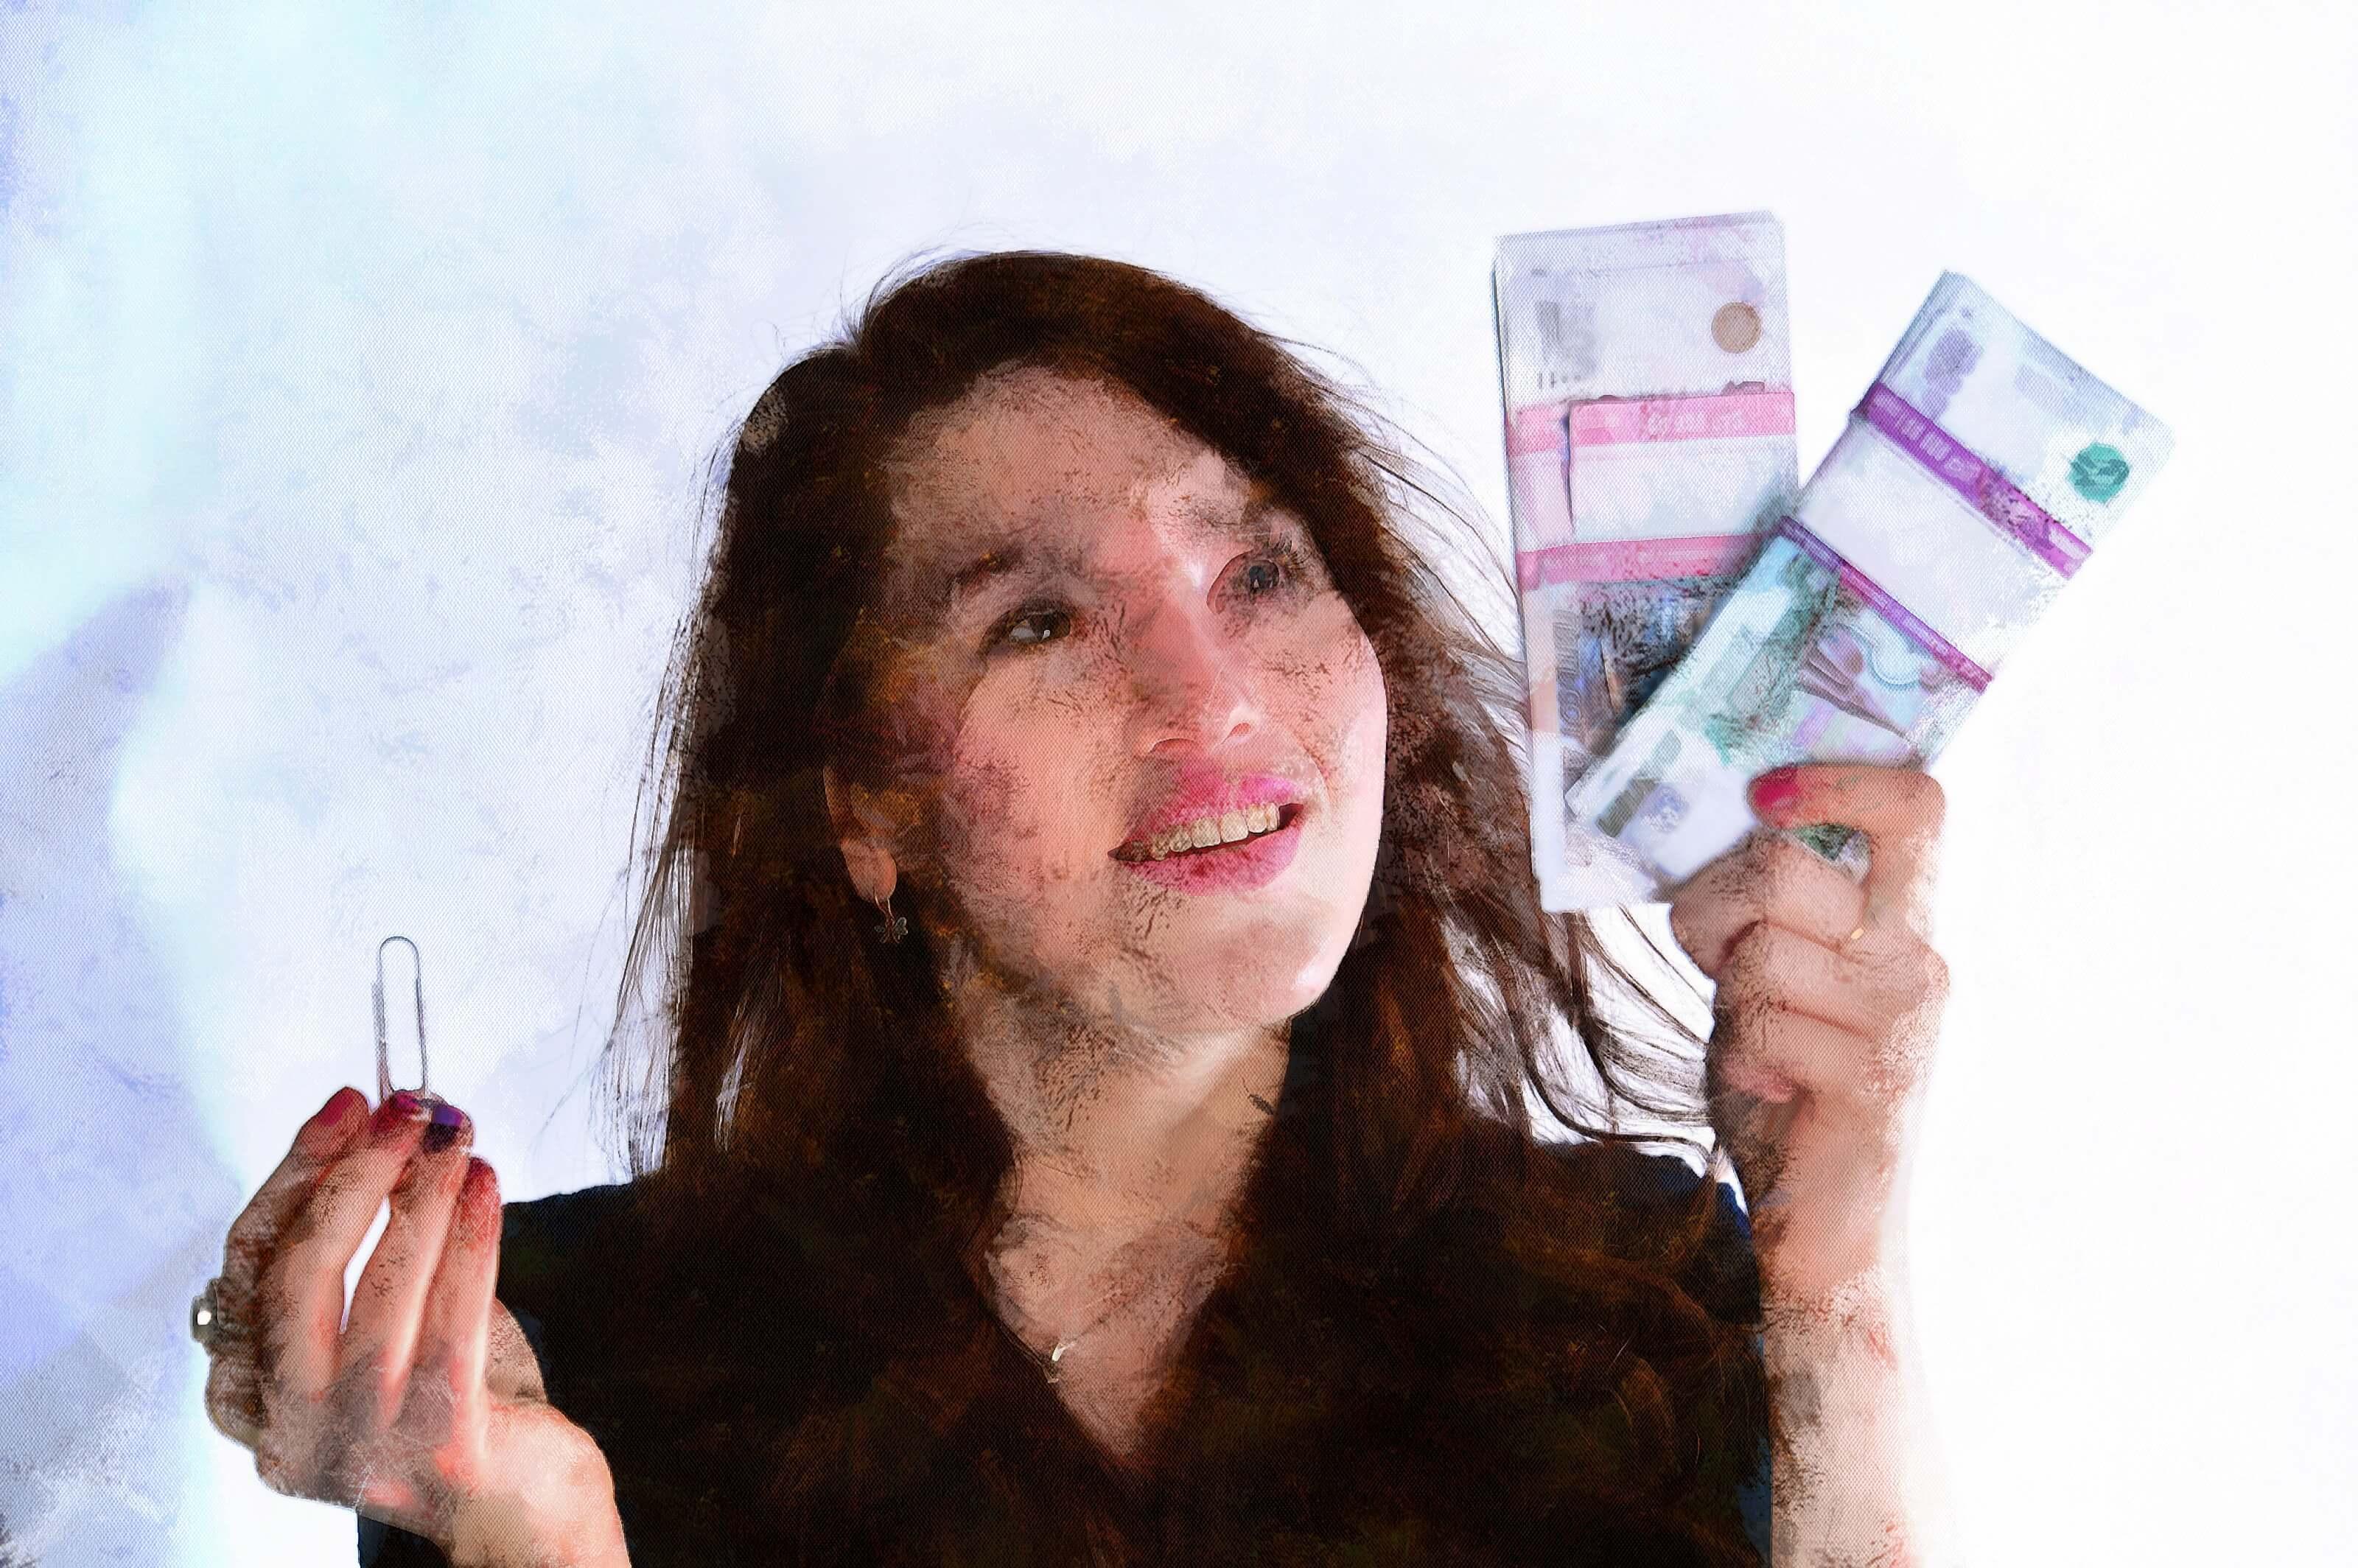 Хотите уменьшить ставку по ипотеке? Мы нашли 5 способов!